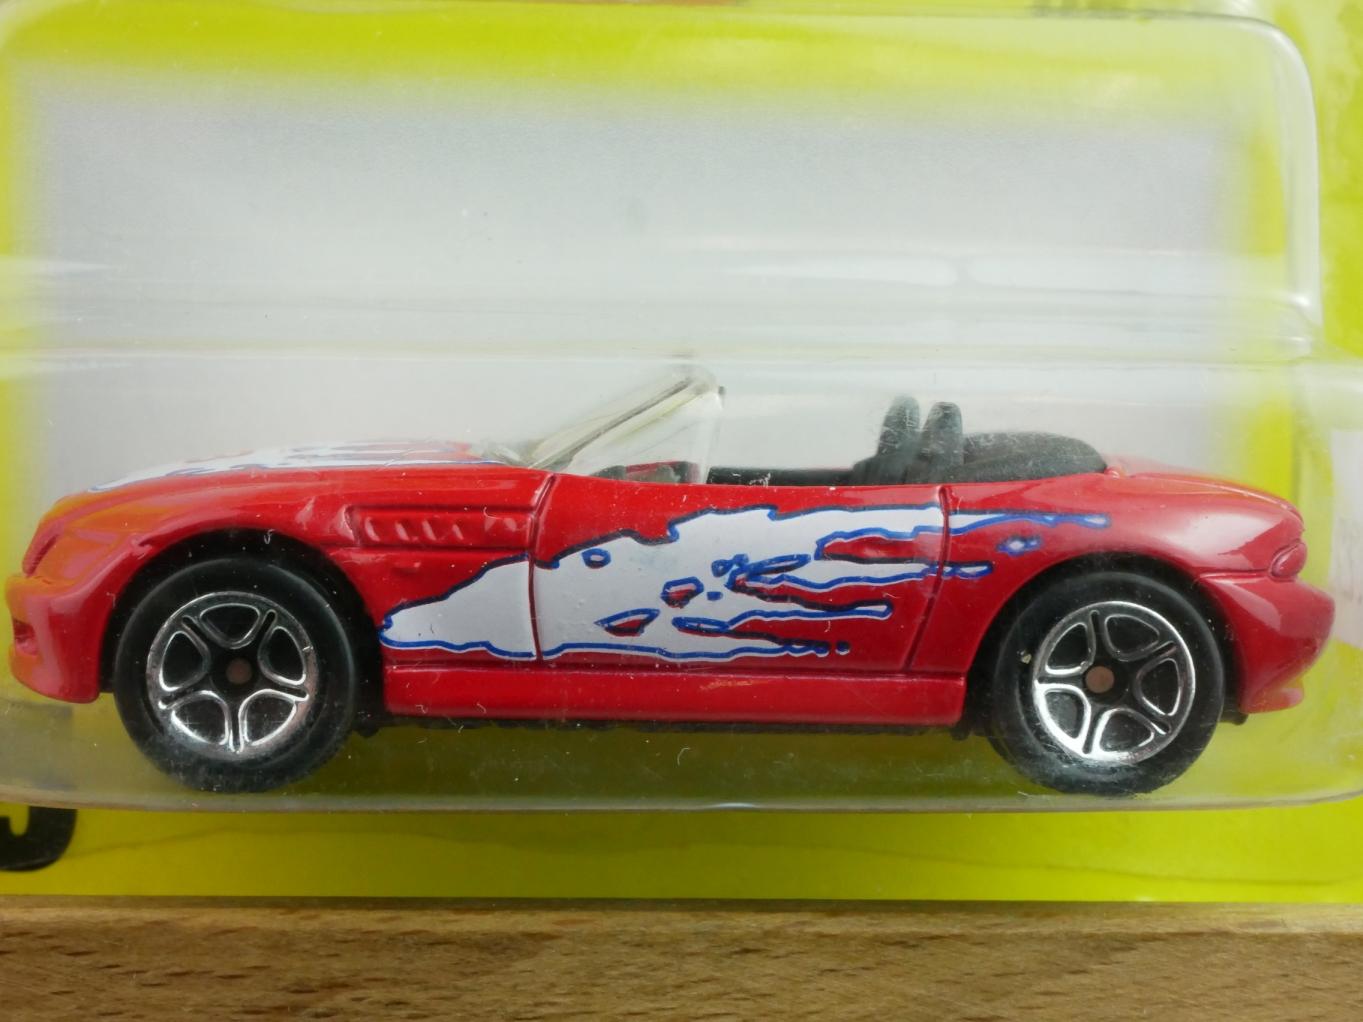 F.1 Racer yellow (65-D/16-D/06-D) - 60122